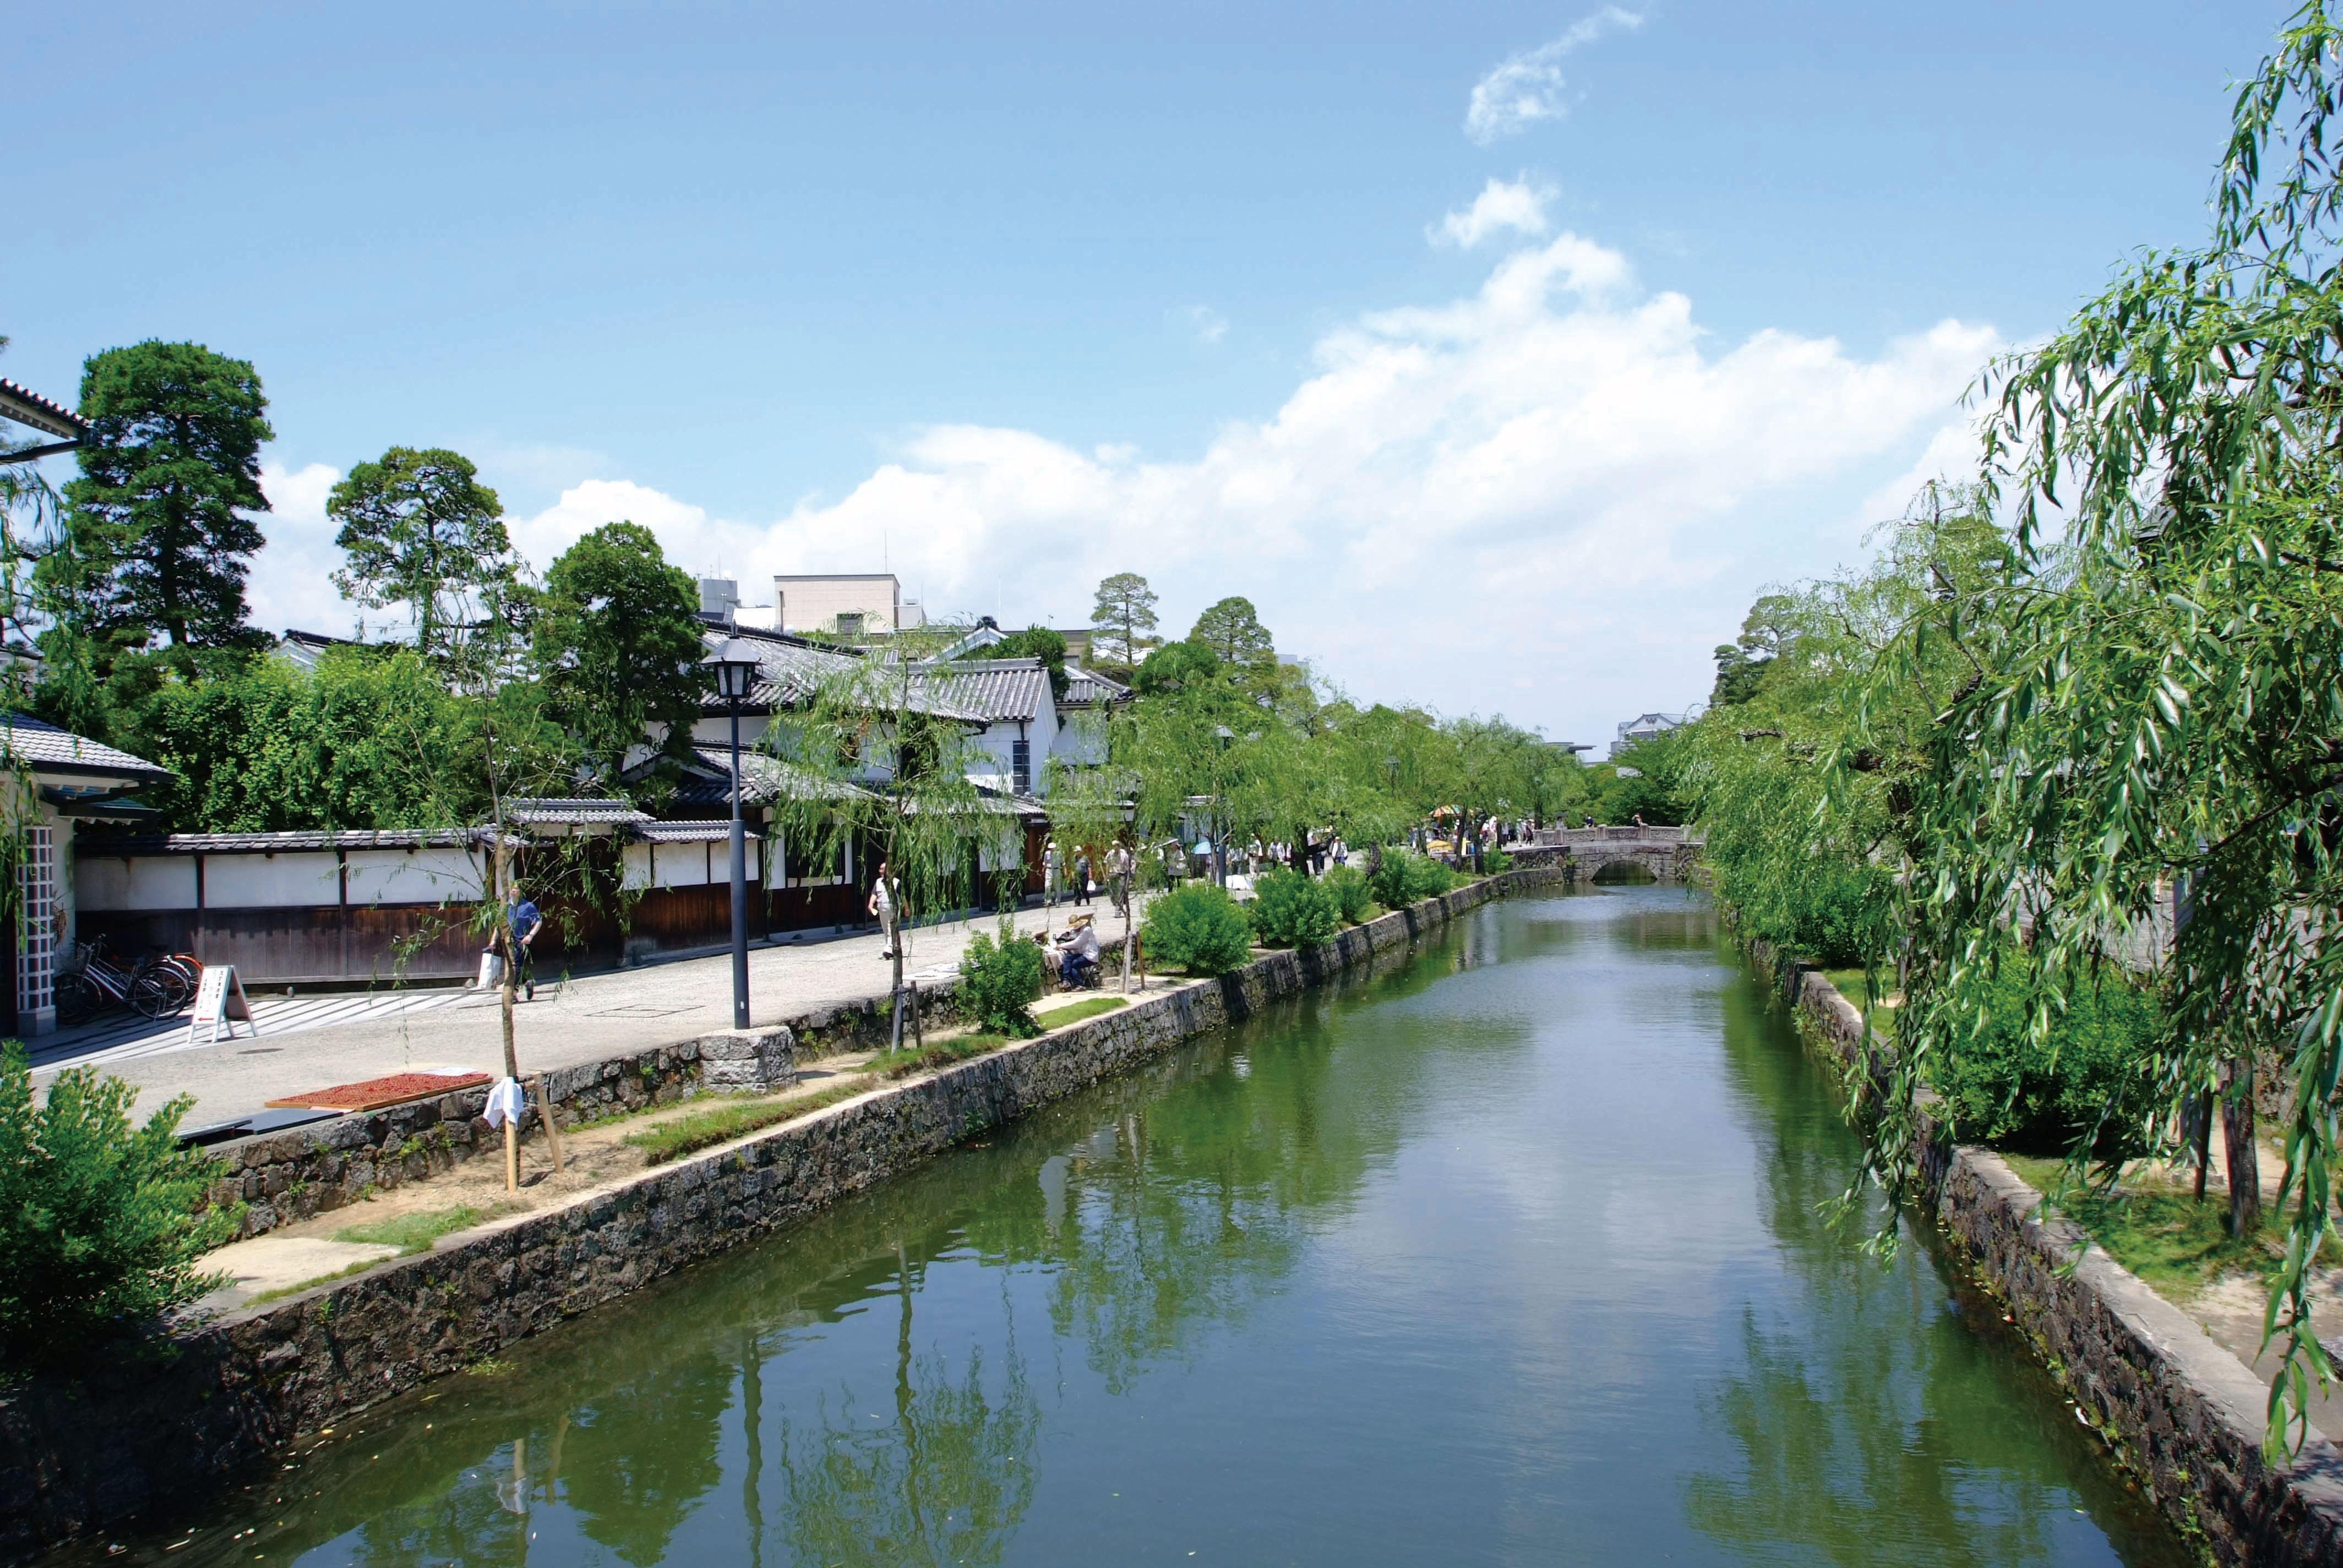 岡山県観光おすすめ人気スポットのご紹介!観光マップ片手に巡る人気の名所